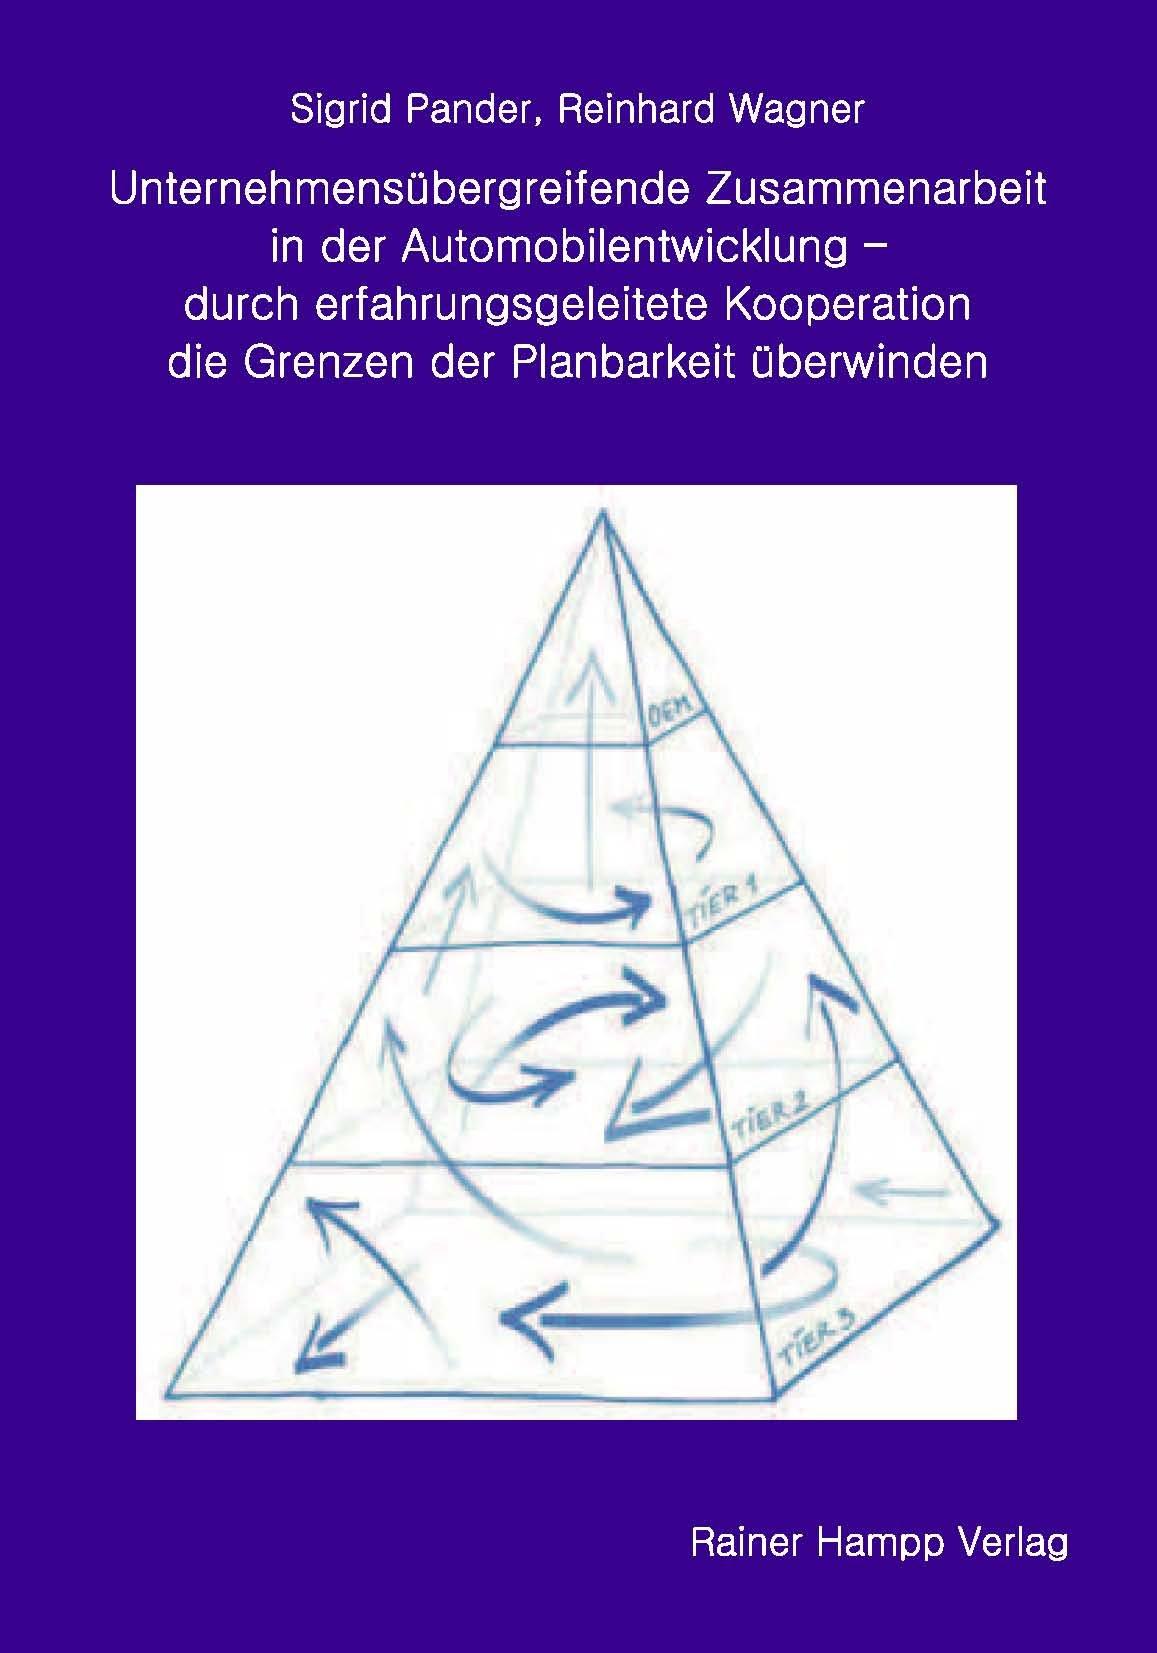 Unternehmensübergreifende Zusammenarbeit in der Automobilentwicklung: durch erfahrungsgeleitete Kooperation die Grenzen der Planbarkeit überwinden